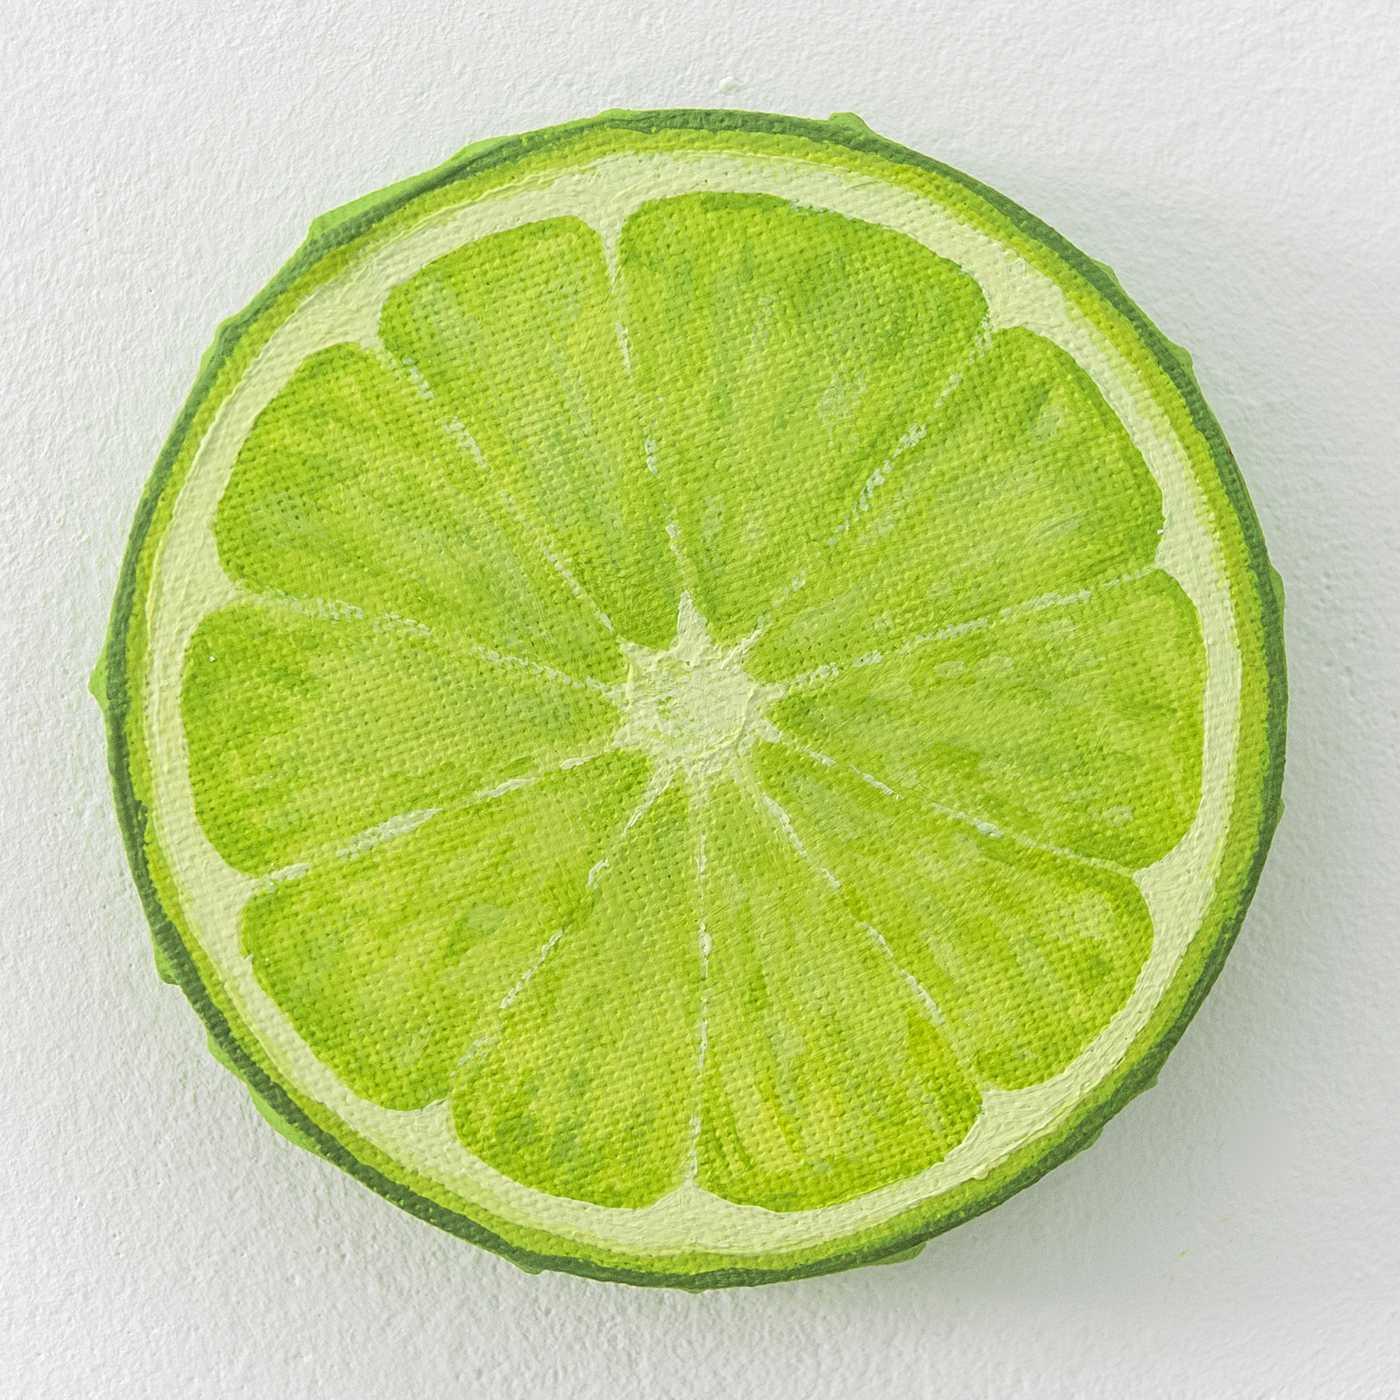 21.Lime